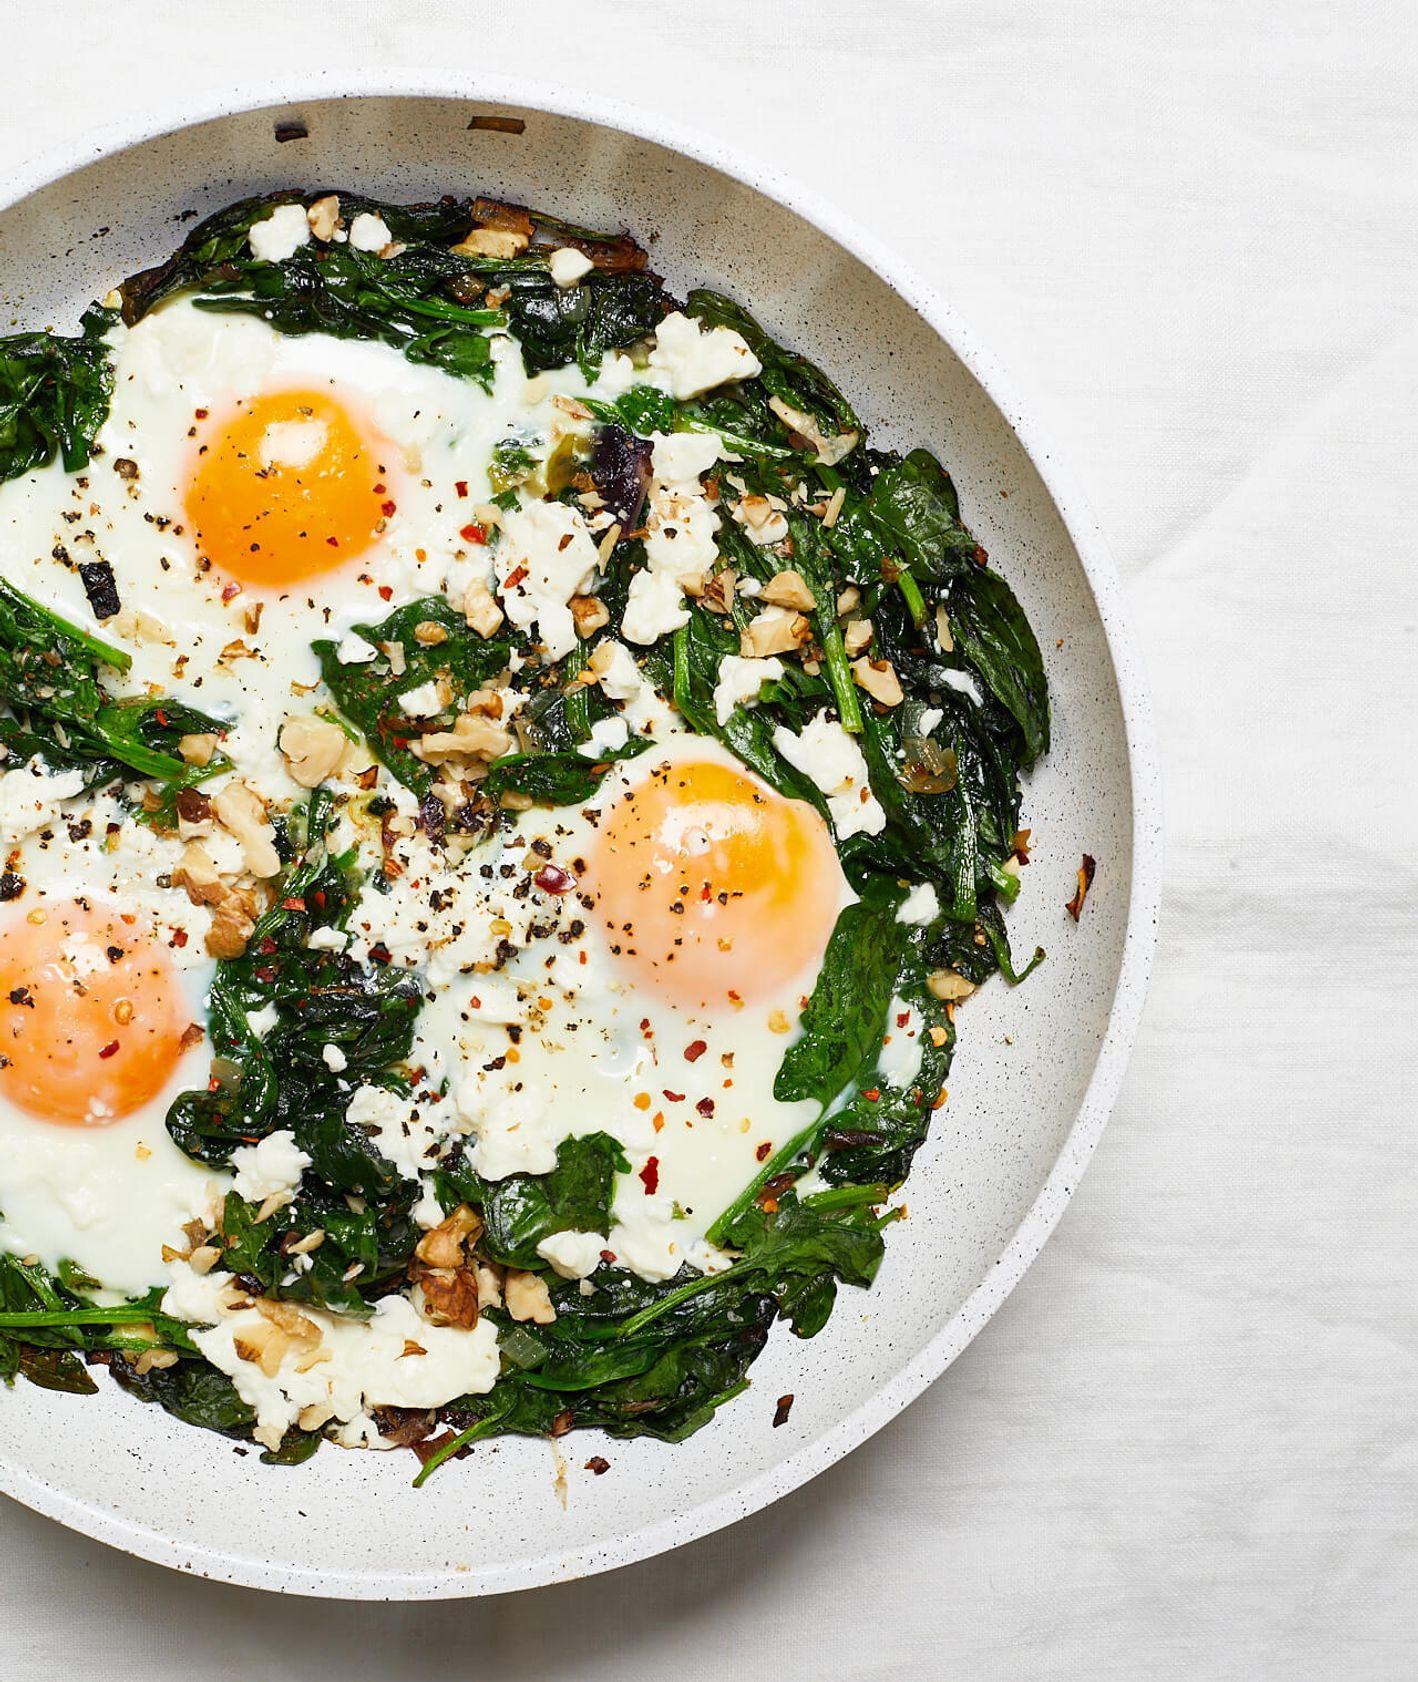 szakszuka szpinakowa, szakszuka, szakszuka ze szpinakiem, jajka na śniadanie, śniadanie z jajkami, wytrawne śniadanie, leniwe śniadanie, śniadanie na słono, zielona szakszuka